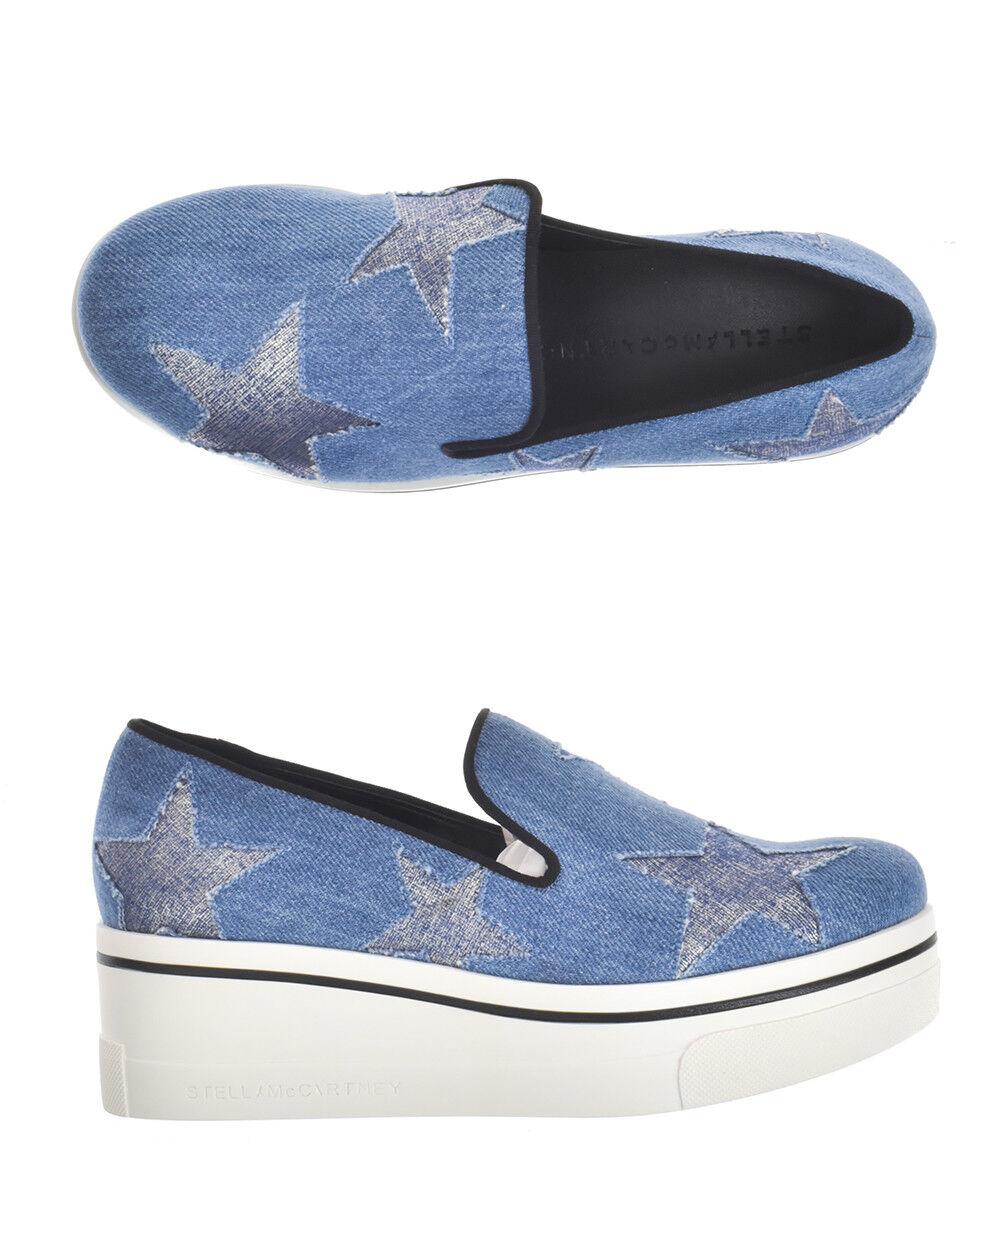 Stella McCartney scarpe scarpe da ginnastica BINX  Donna Blu 4790W1A49 4572  qualità autentica